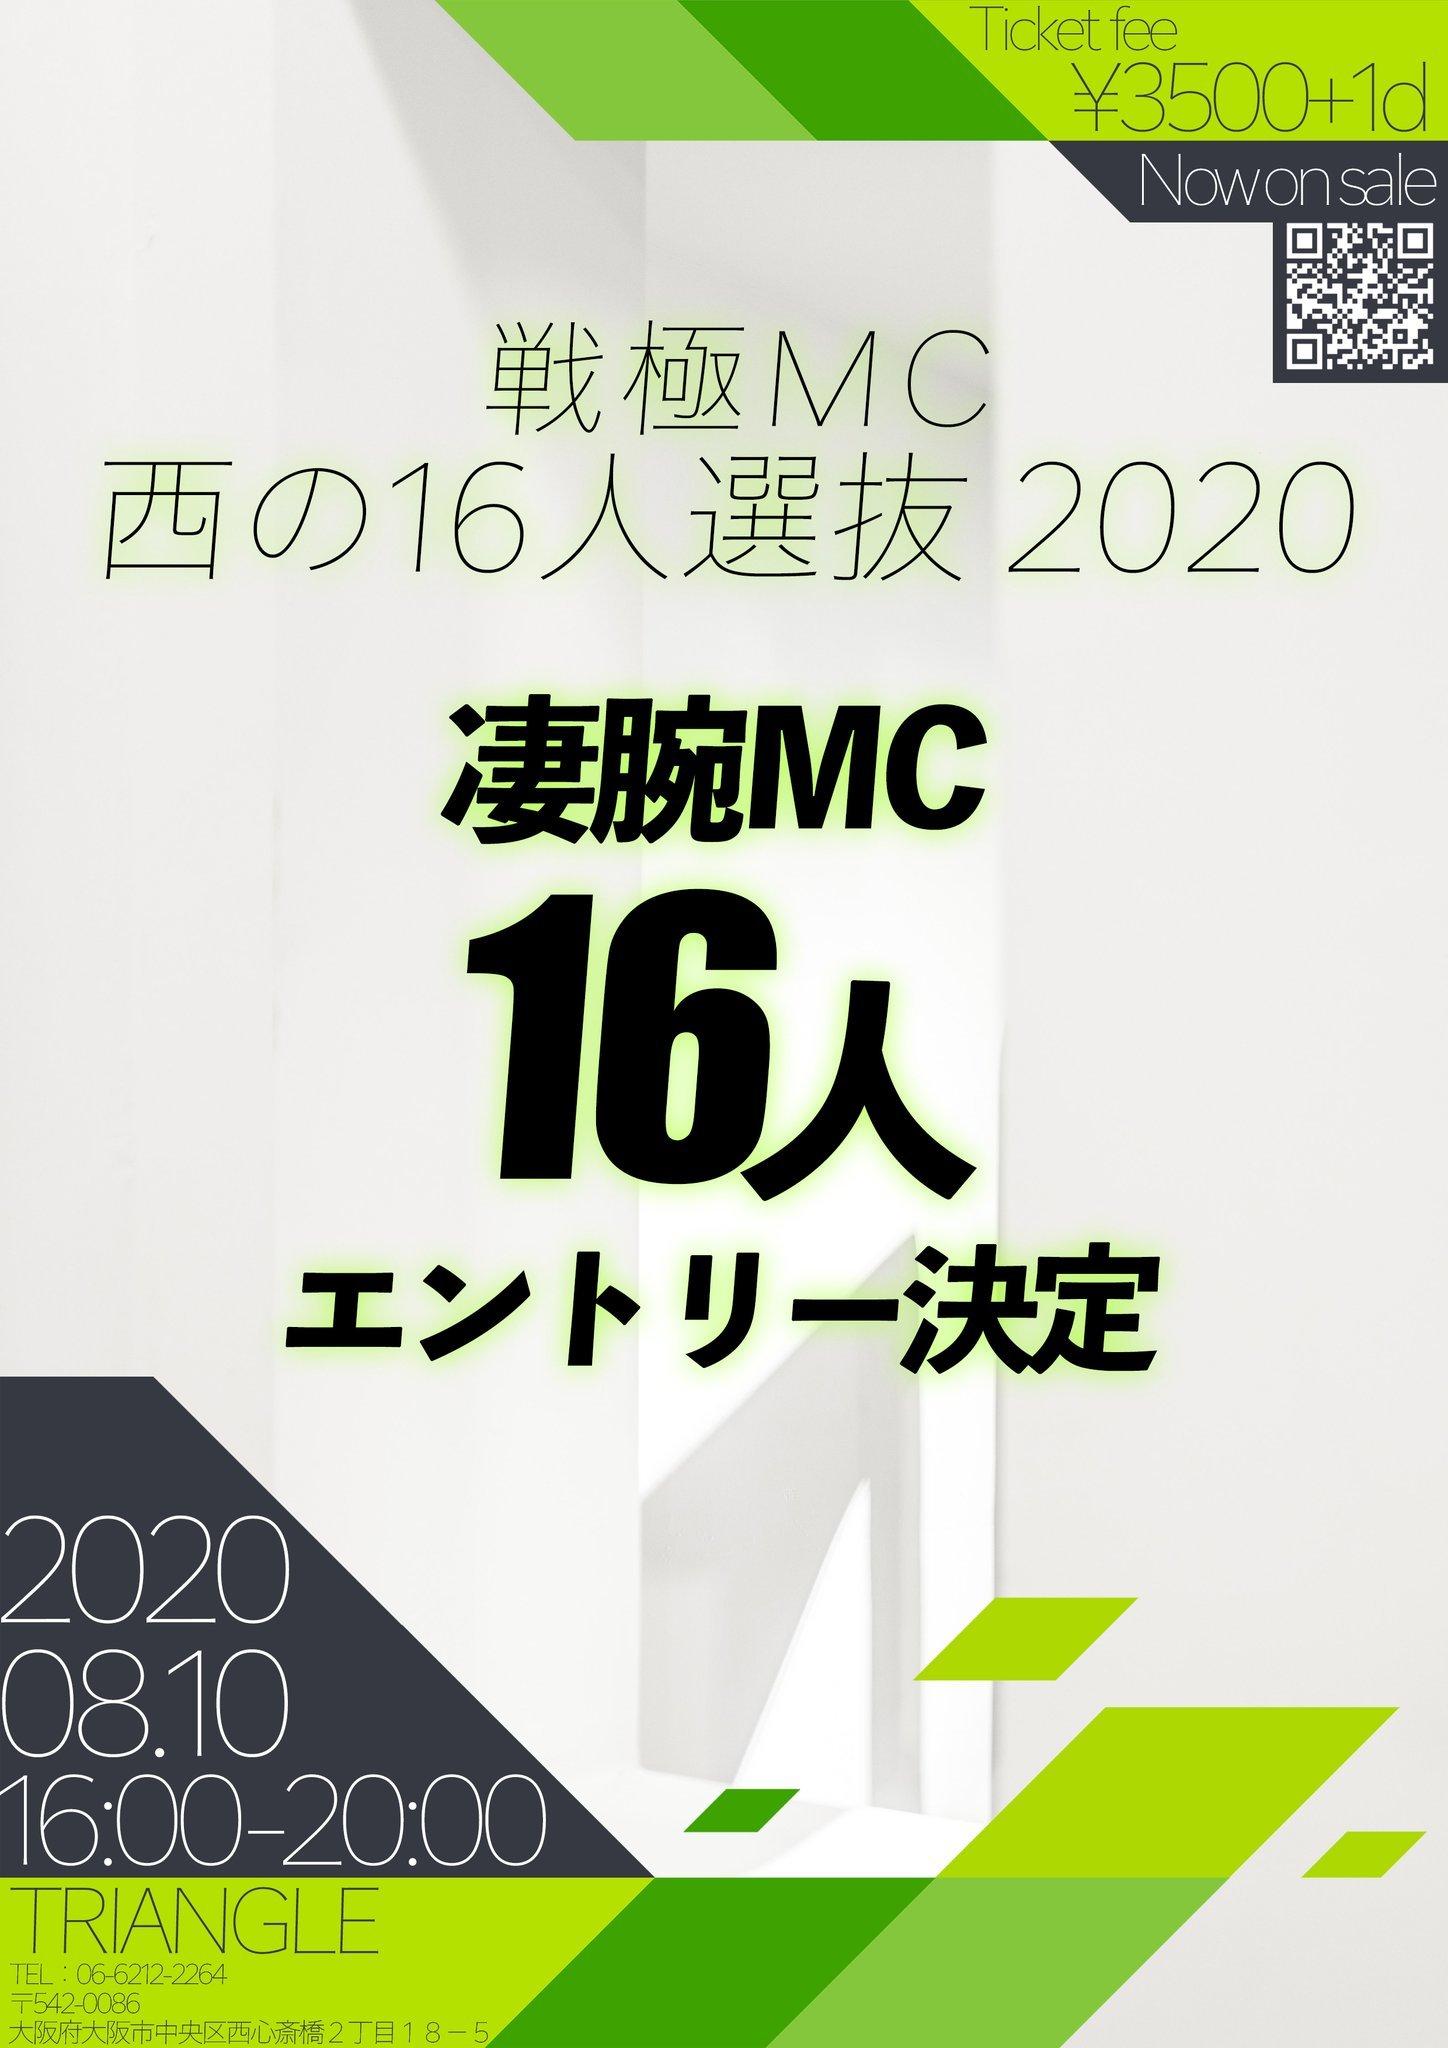 8/10 大阪にて戦極MC 西の16人選抜 2020 有料配信チケット販売開始!_e0246863_21312453.jpg